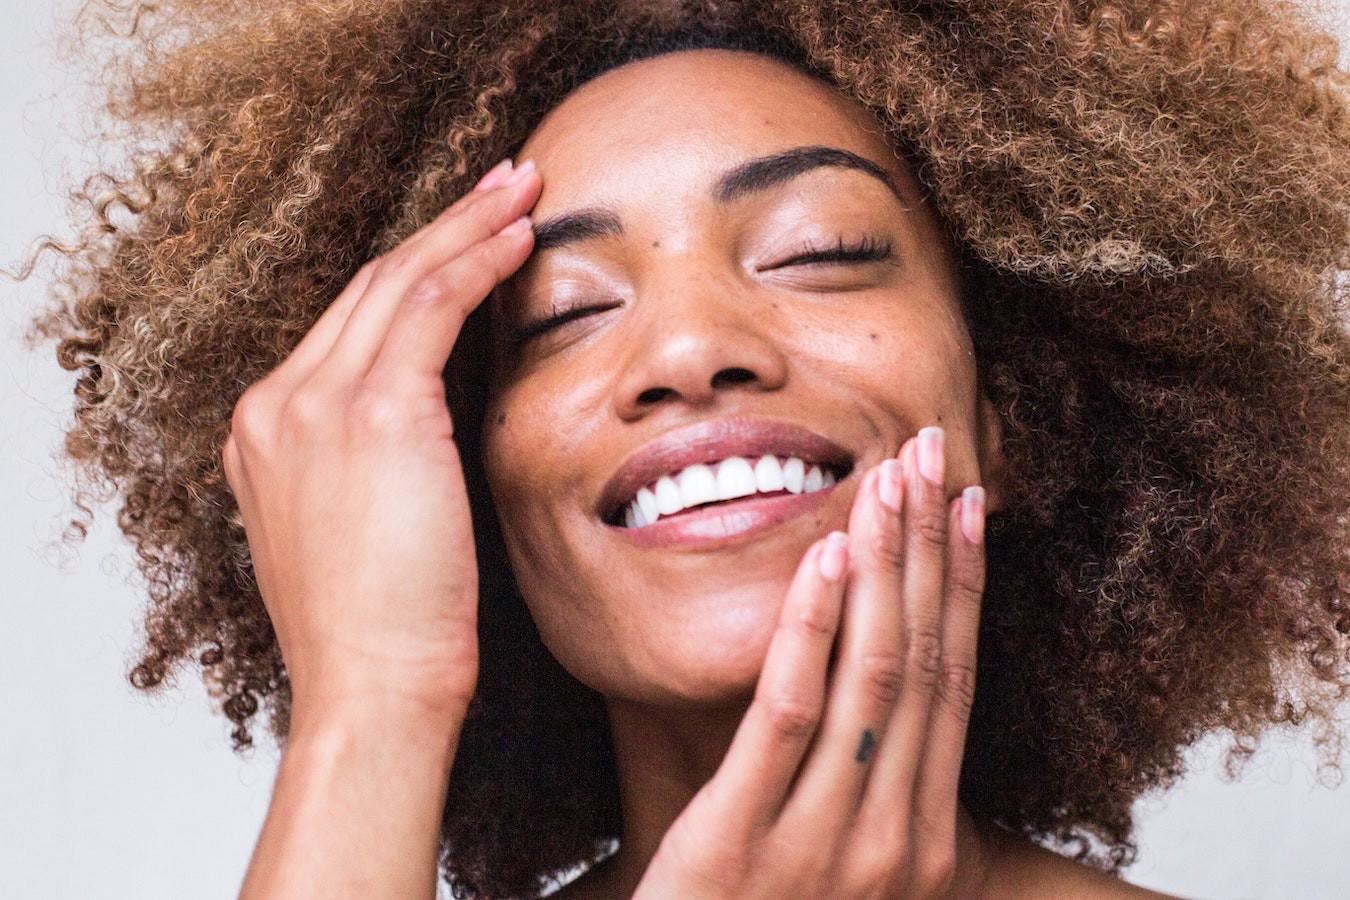 Frau lächelt und streicht sich mit ihren Händen über ihre Gesichtshaut Hautpflege mit ätherischen Ölen